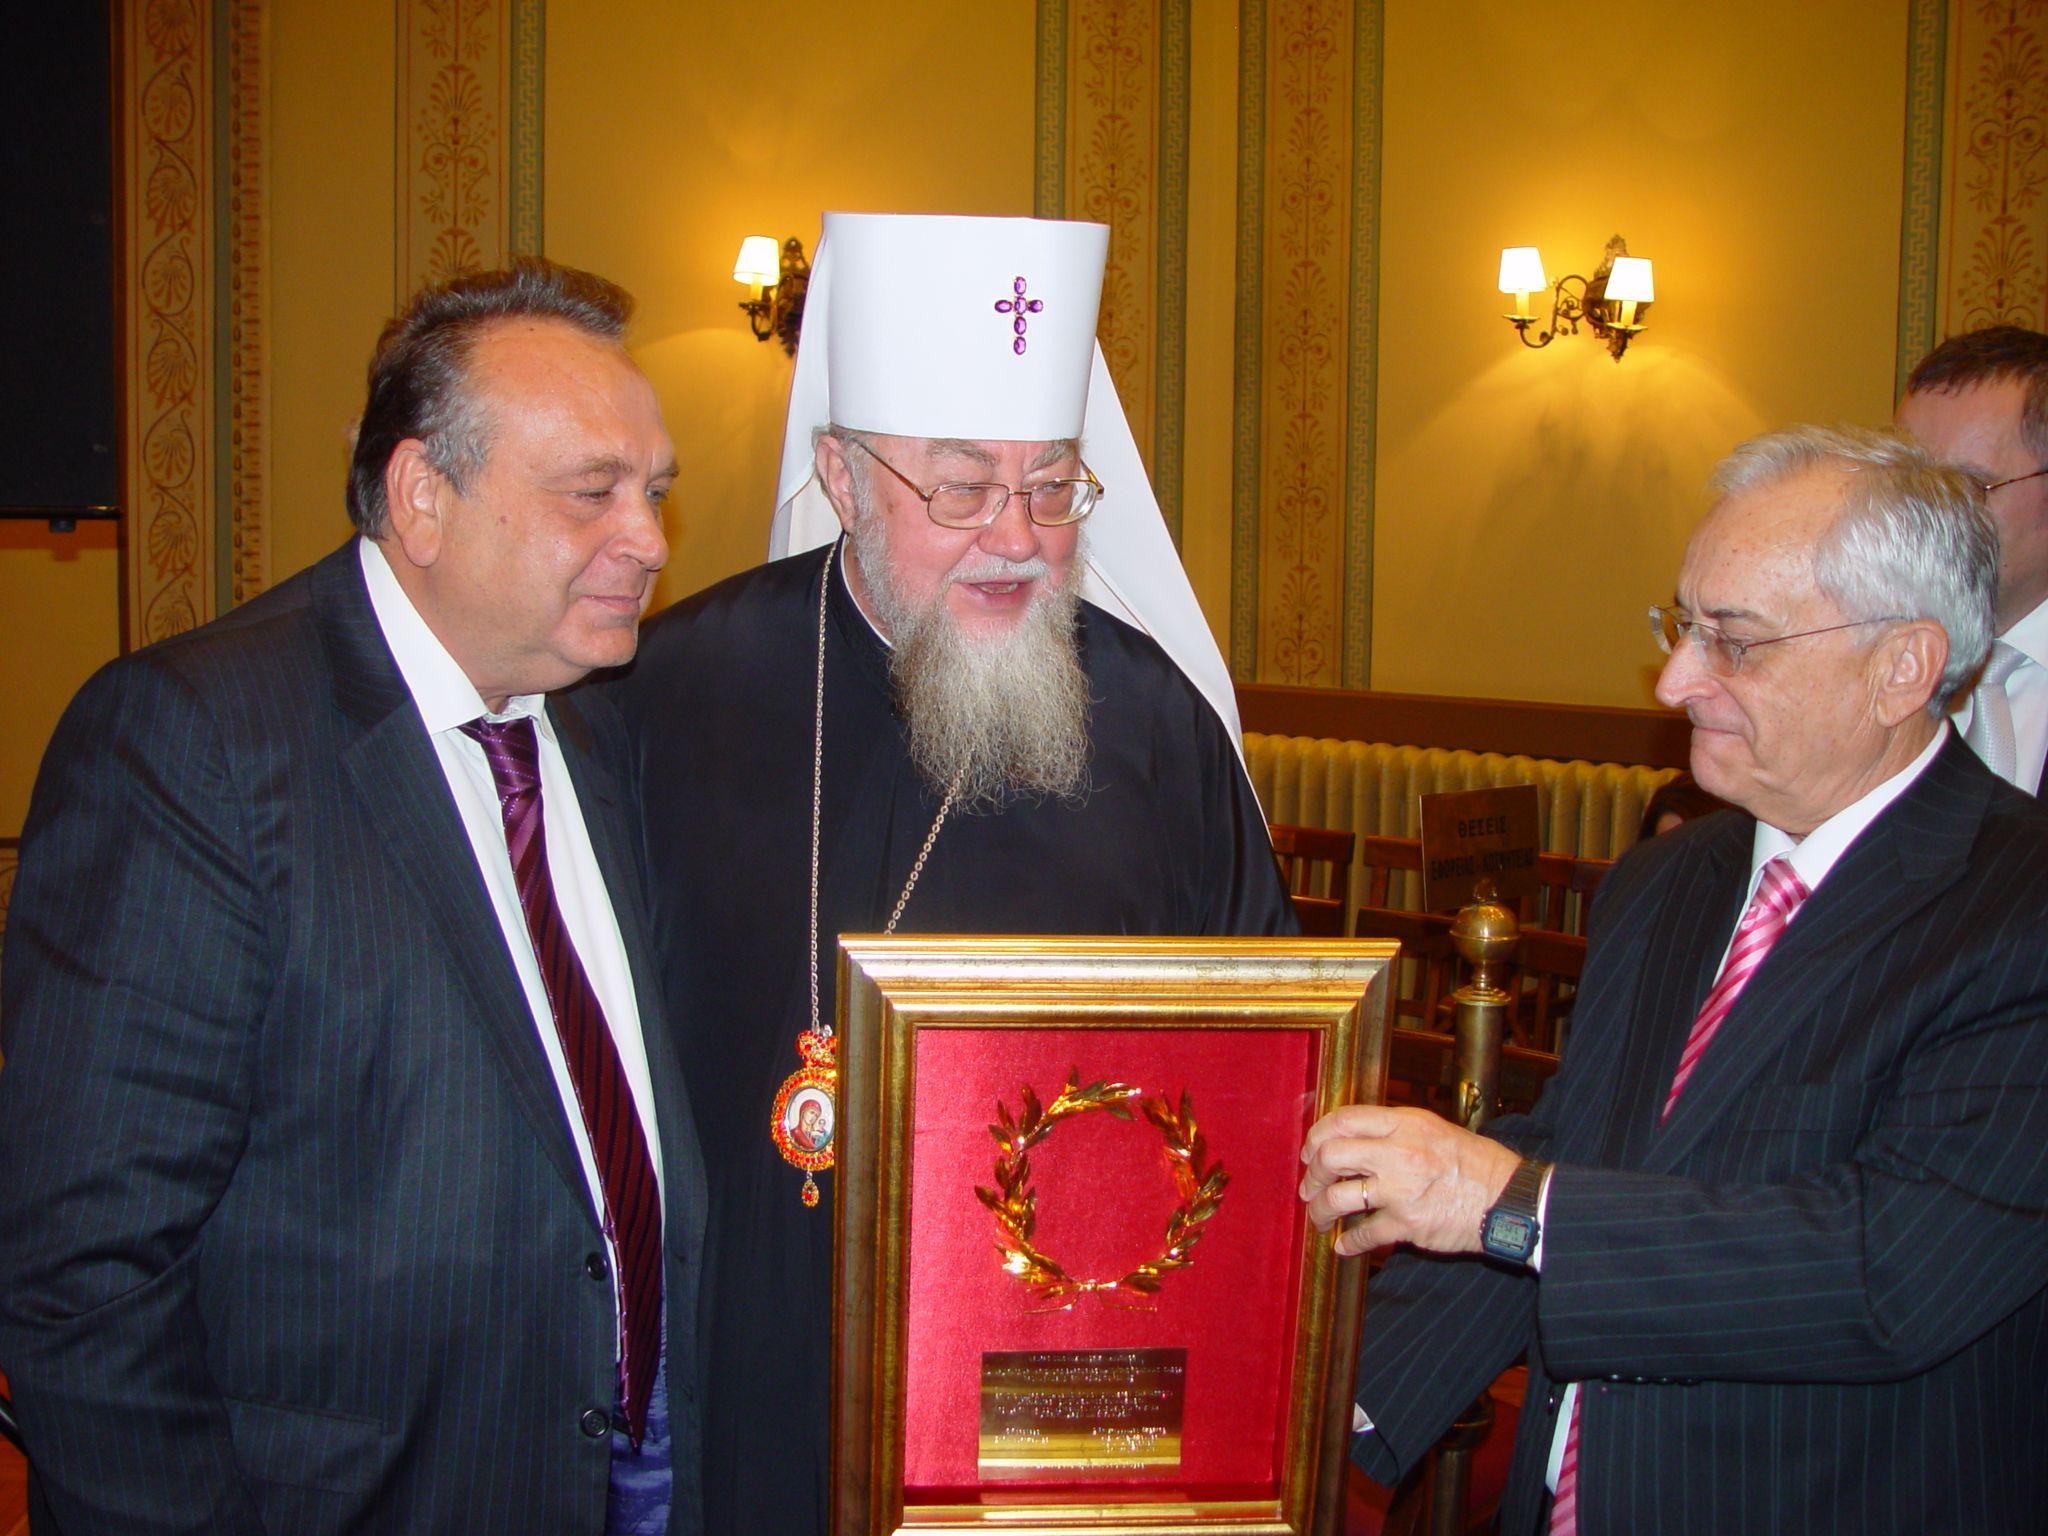 Ο Προκαθήμενος της Ορθοδόξου Εκκλησίας της Πολωνίας, κ.κ. Σάββας επισκέφθηκε το Κέντρο Οικουμενικός Ελληνισμός